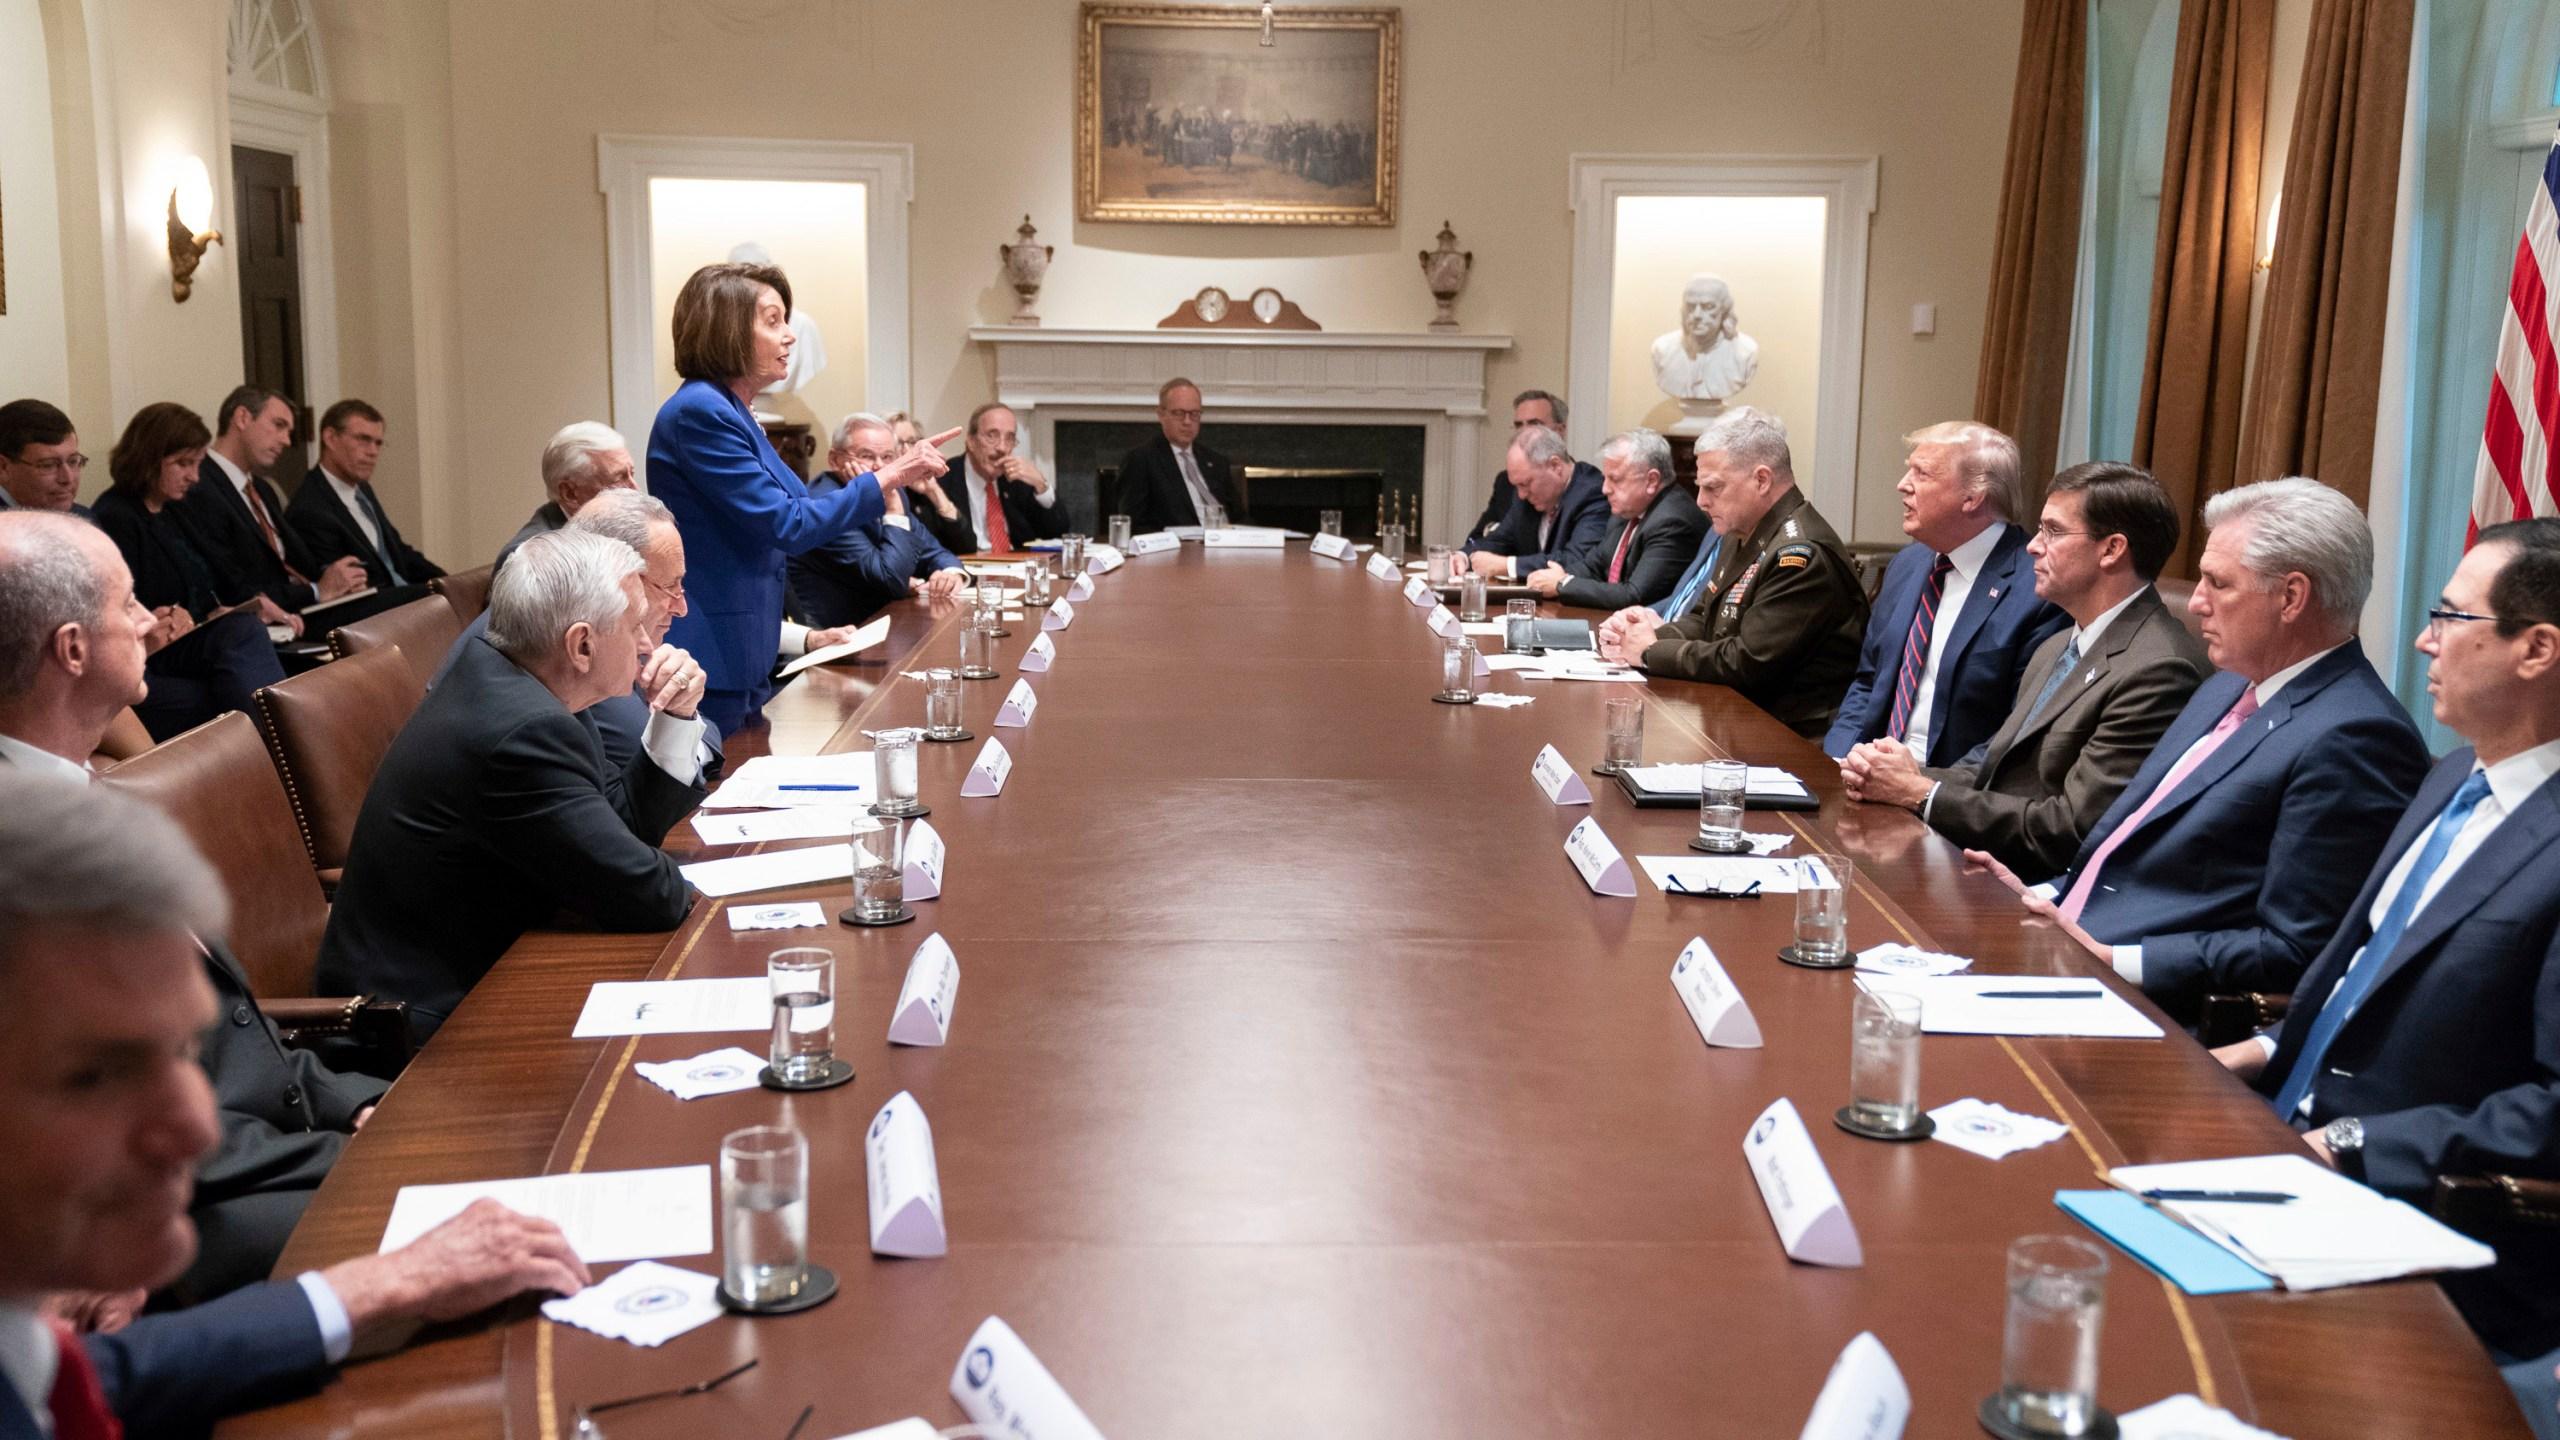 Donald Trump, Nancy Pelosi